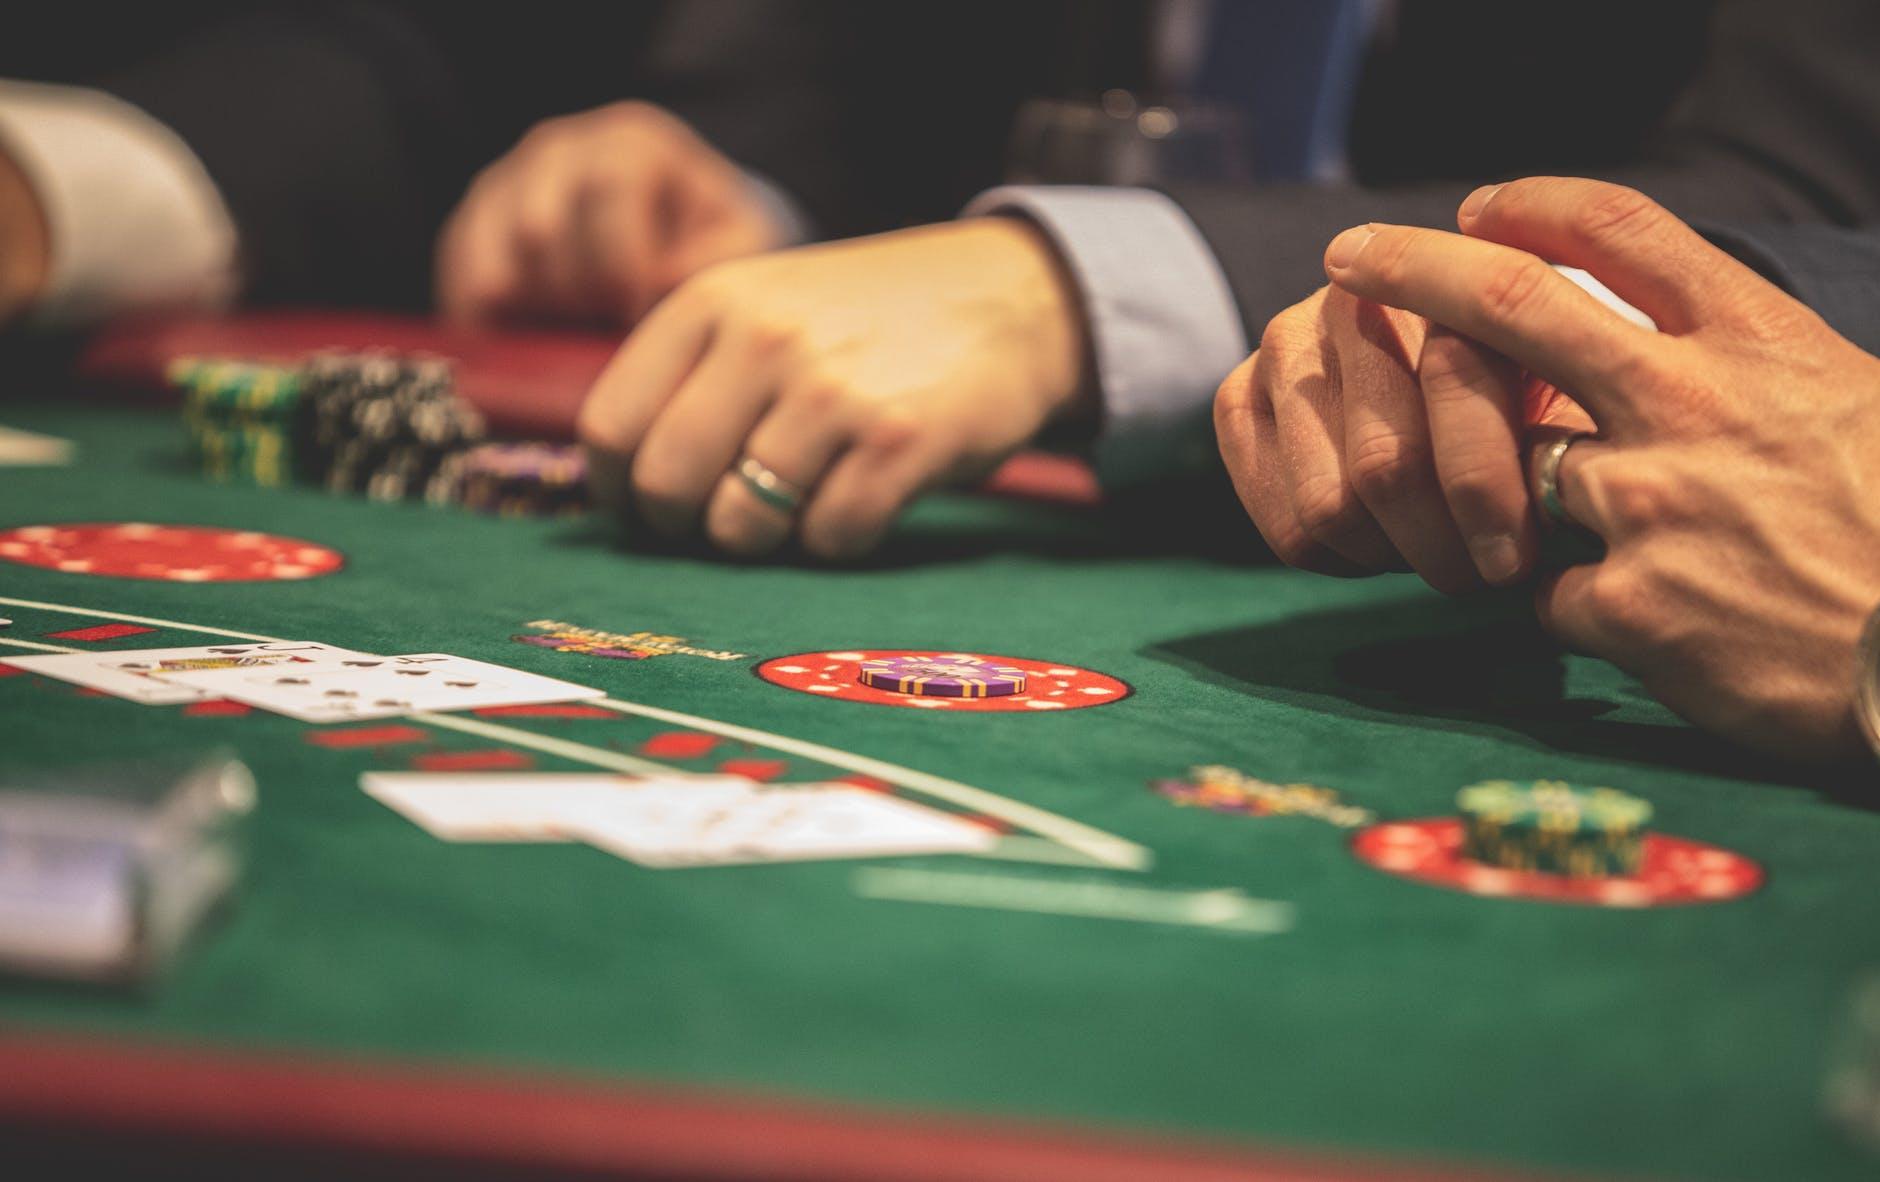 Деятельность казино в казахстане ограбление казино фильм 2012 смотреть онлайн